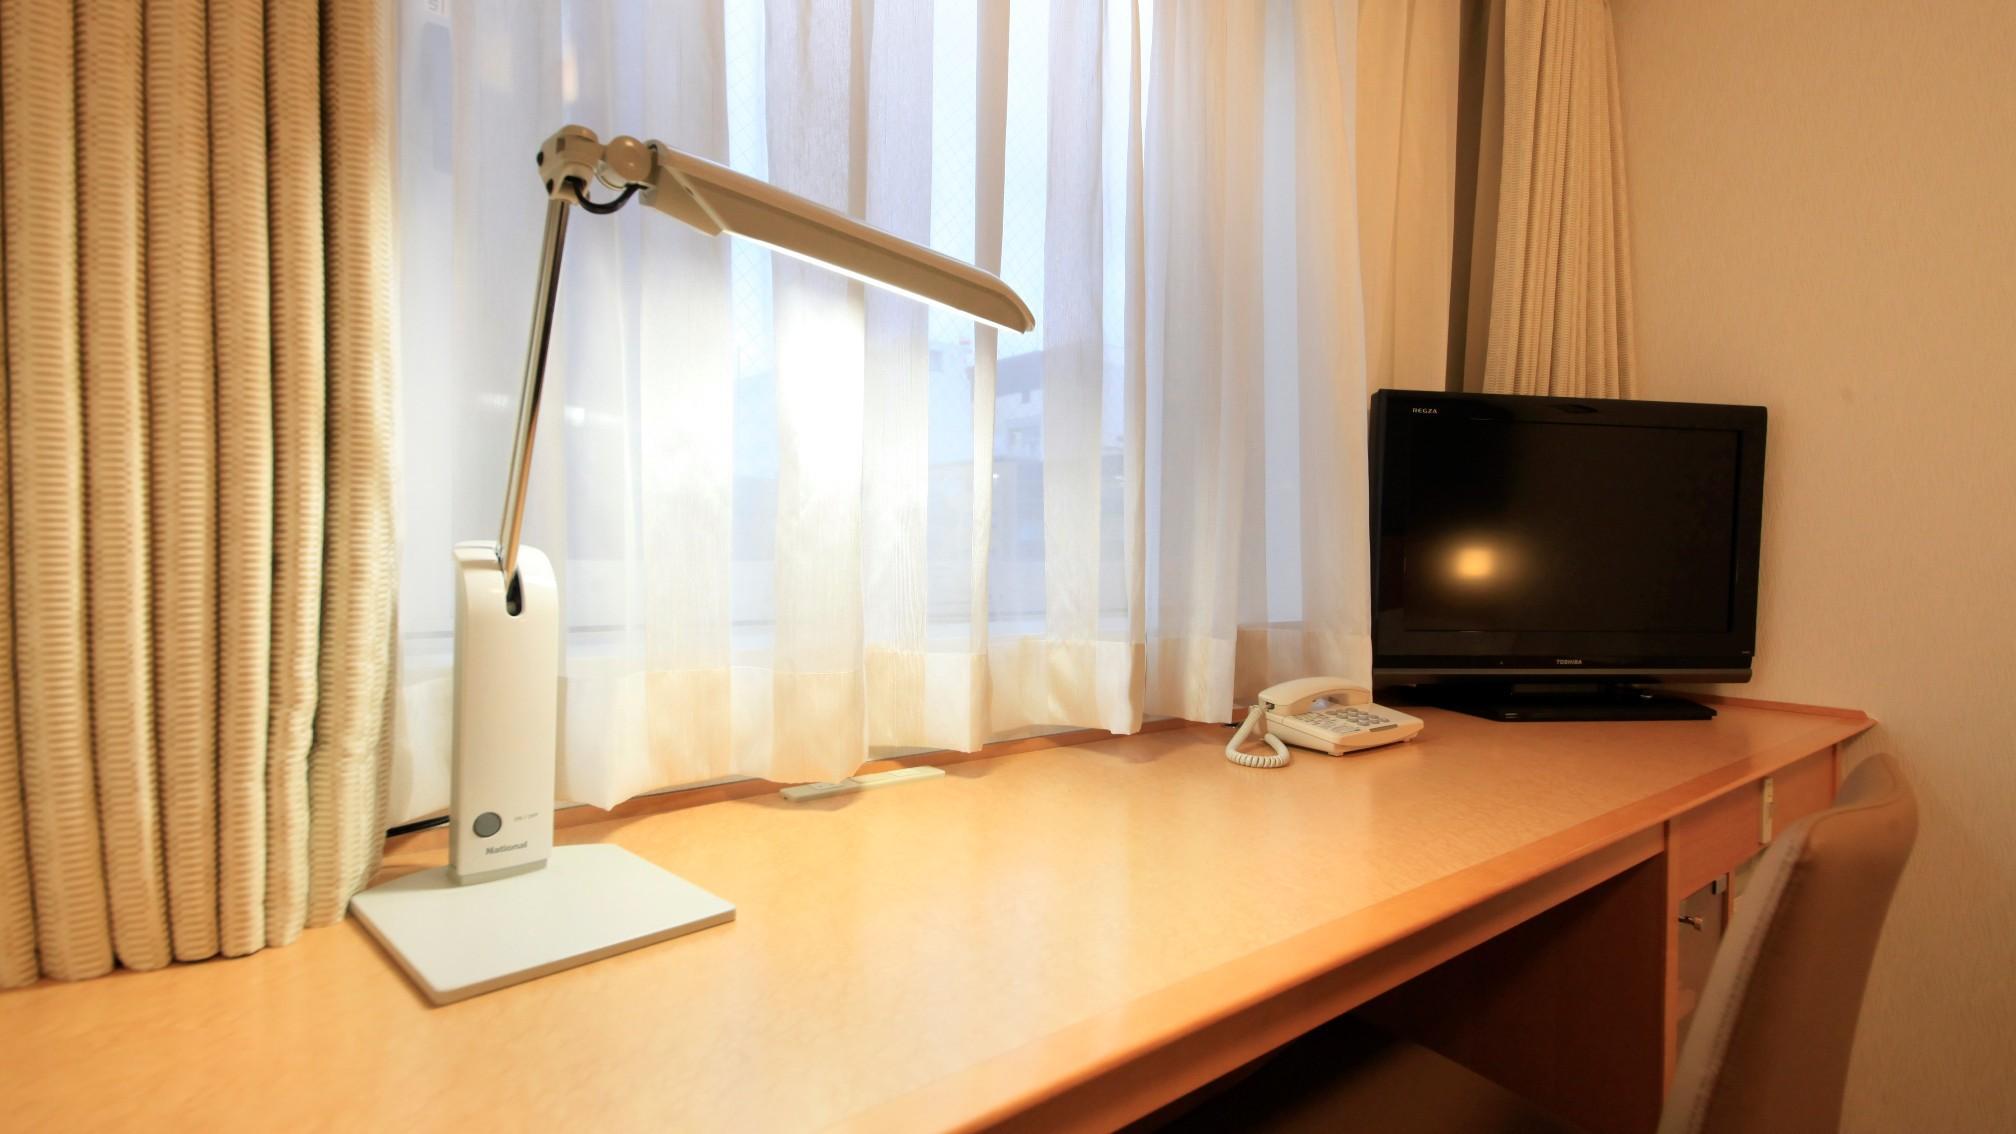 ◇広々デスクと明るい照明はお仕事に最適です